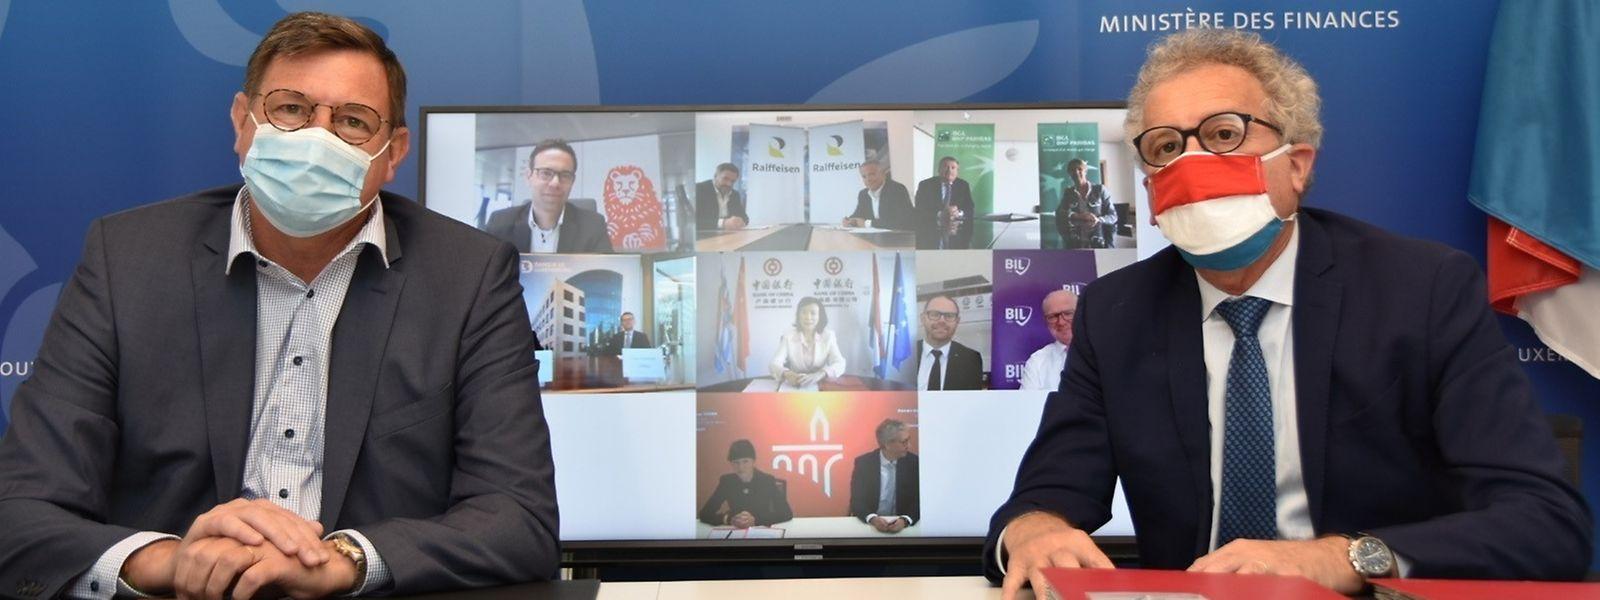 Sous les masques, vous aurez reconnu Yves Maas, vice-président de l'ABBL (à gauche) et le ministre des Finances Pierre Gramegna.